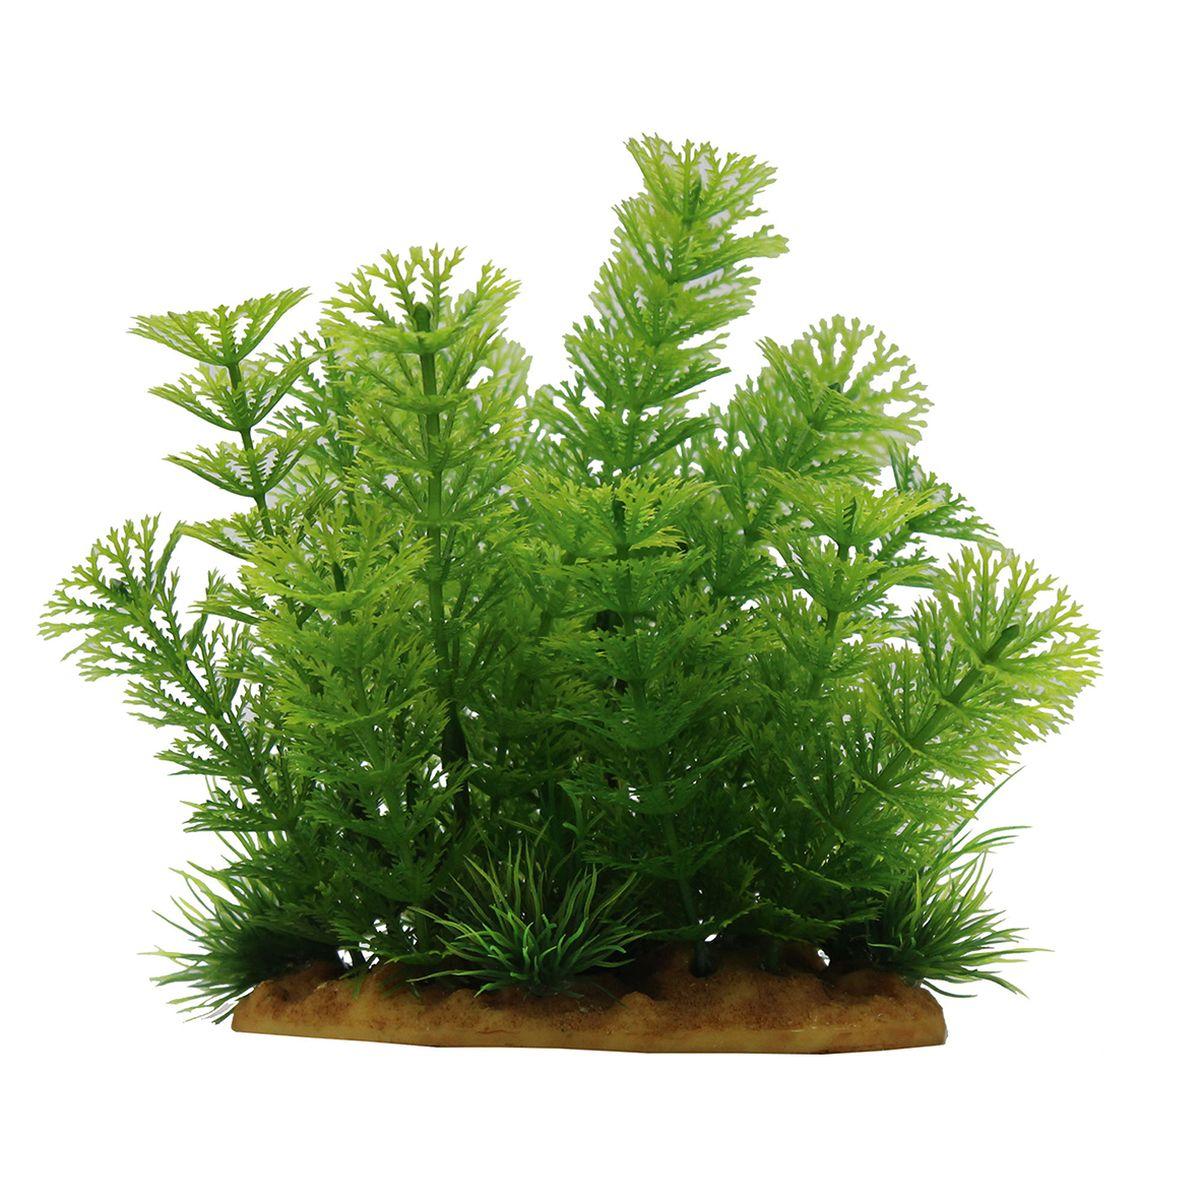 Растение для аквариума ArtUniq Кабомба, высота 15 смART-1160111Растение для аквариума ArtUniq Кабомба, высота 15 см